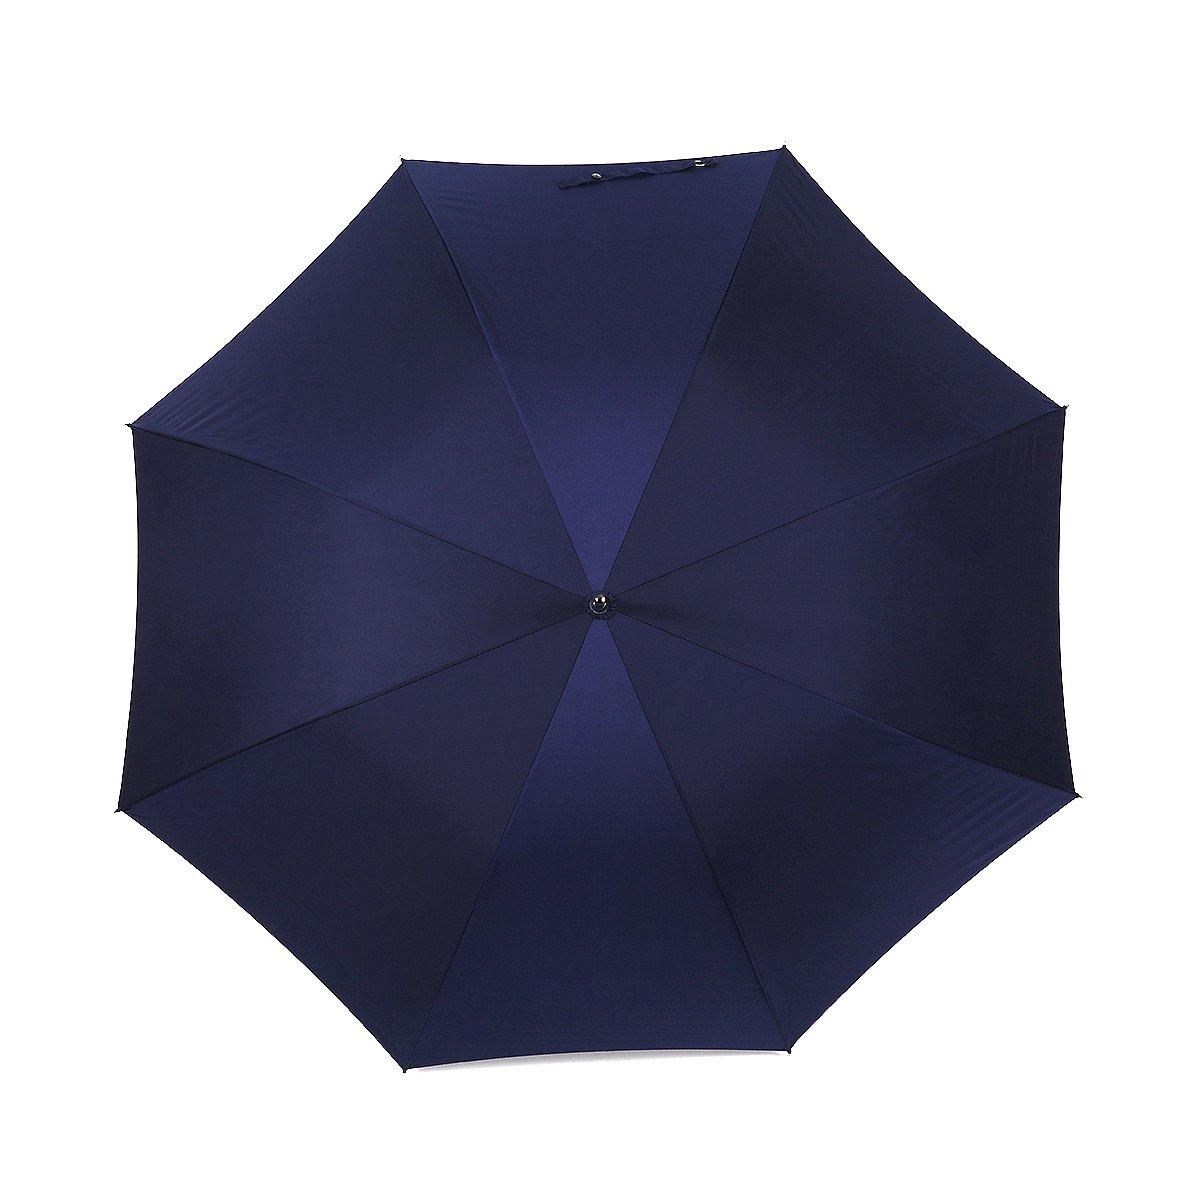 強力撥水 レインドロップ レクタス 長傘 詳細画像5